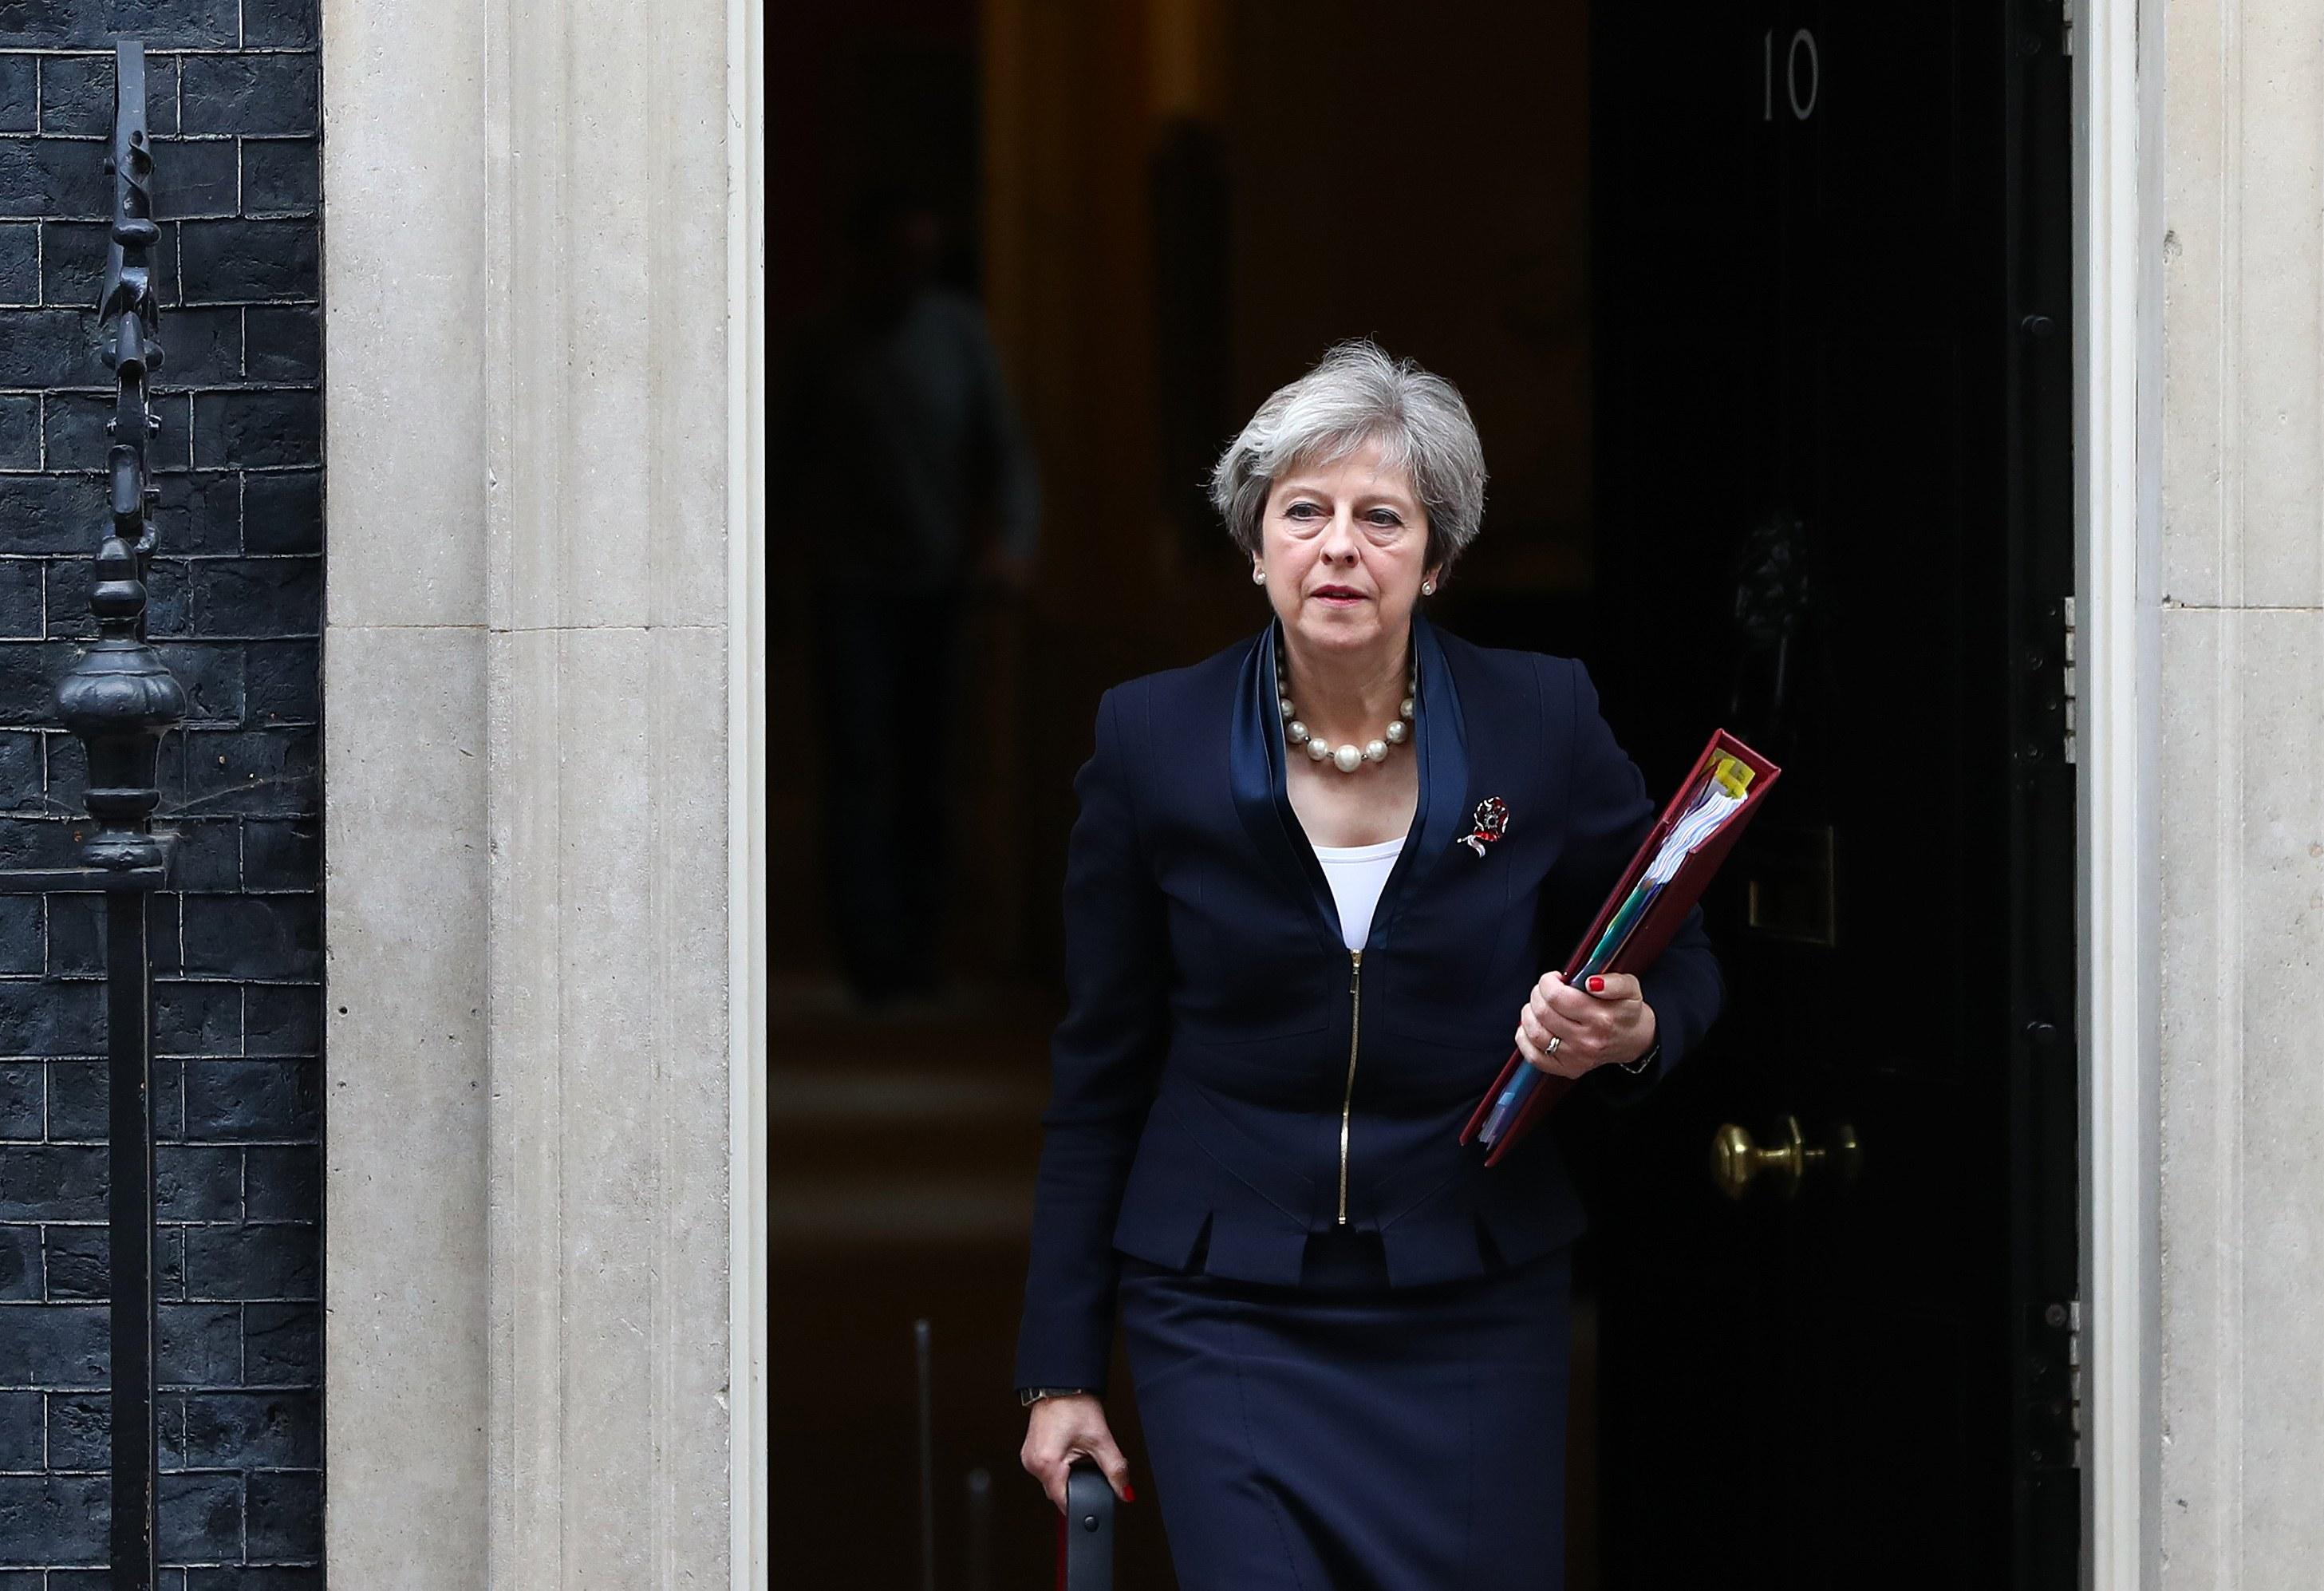 Novo revés para May. Acordo final sobre o Brexit terá de ter o 'ok' do Parlamento